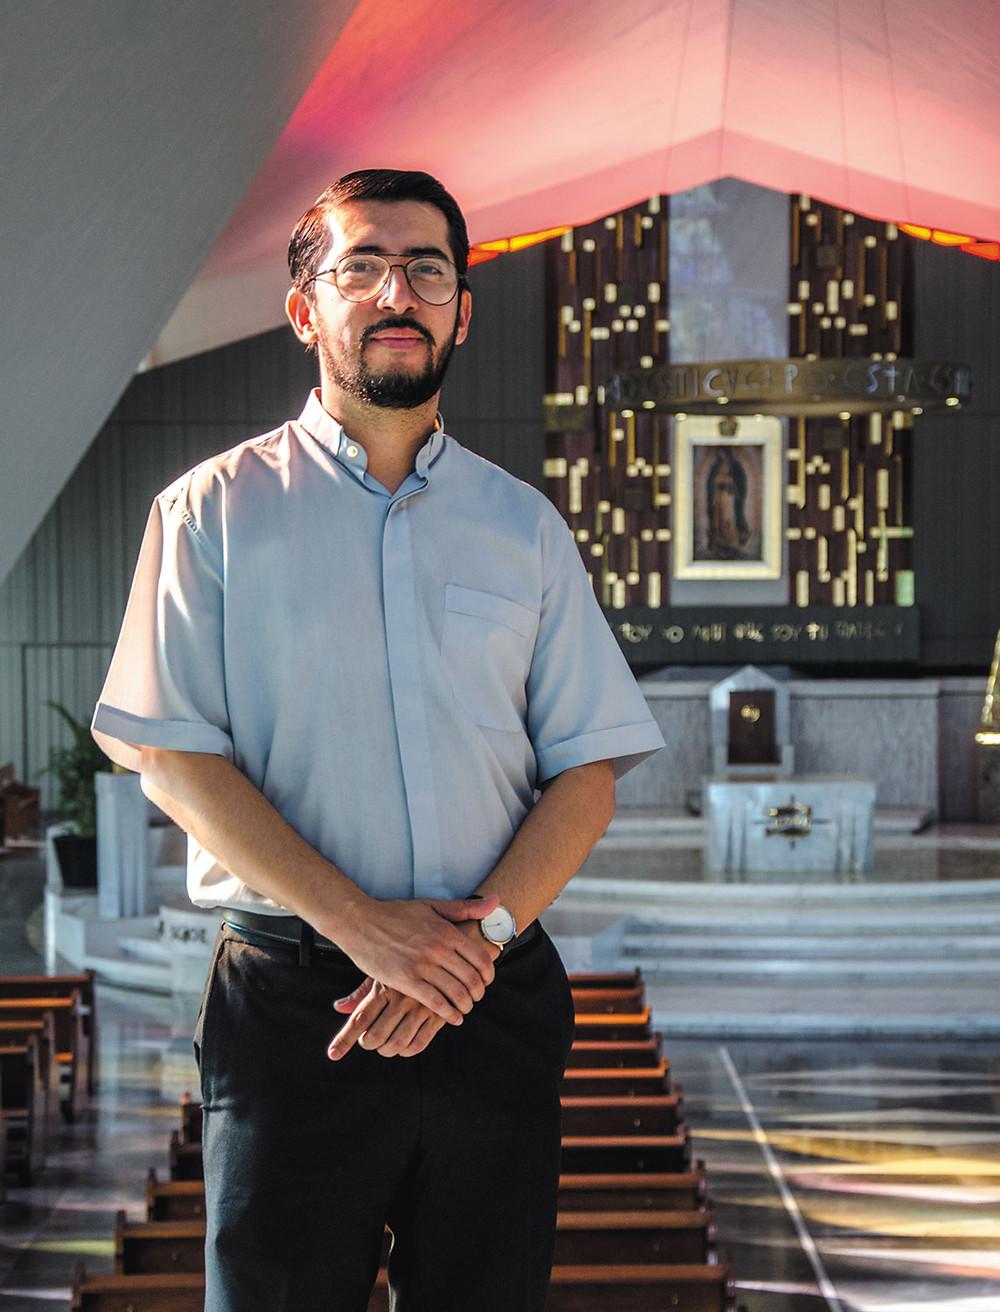 Pbro. Arq.  Christian Emiliano Gerardo Cortez